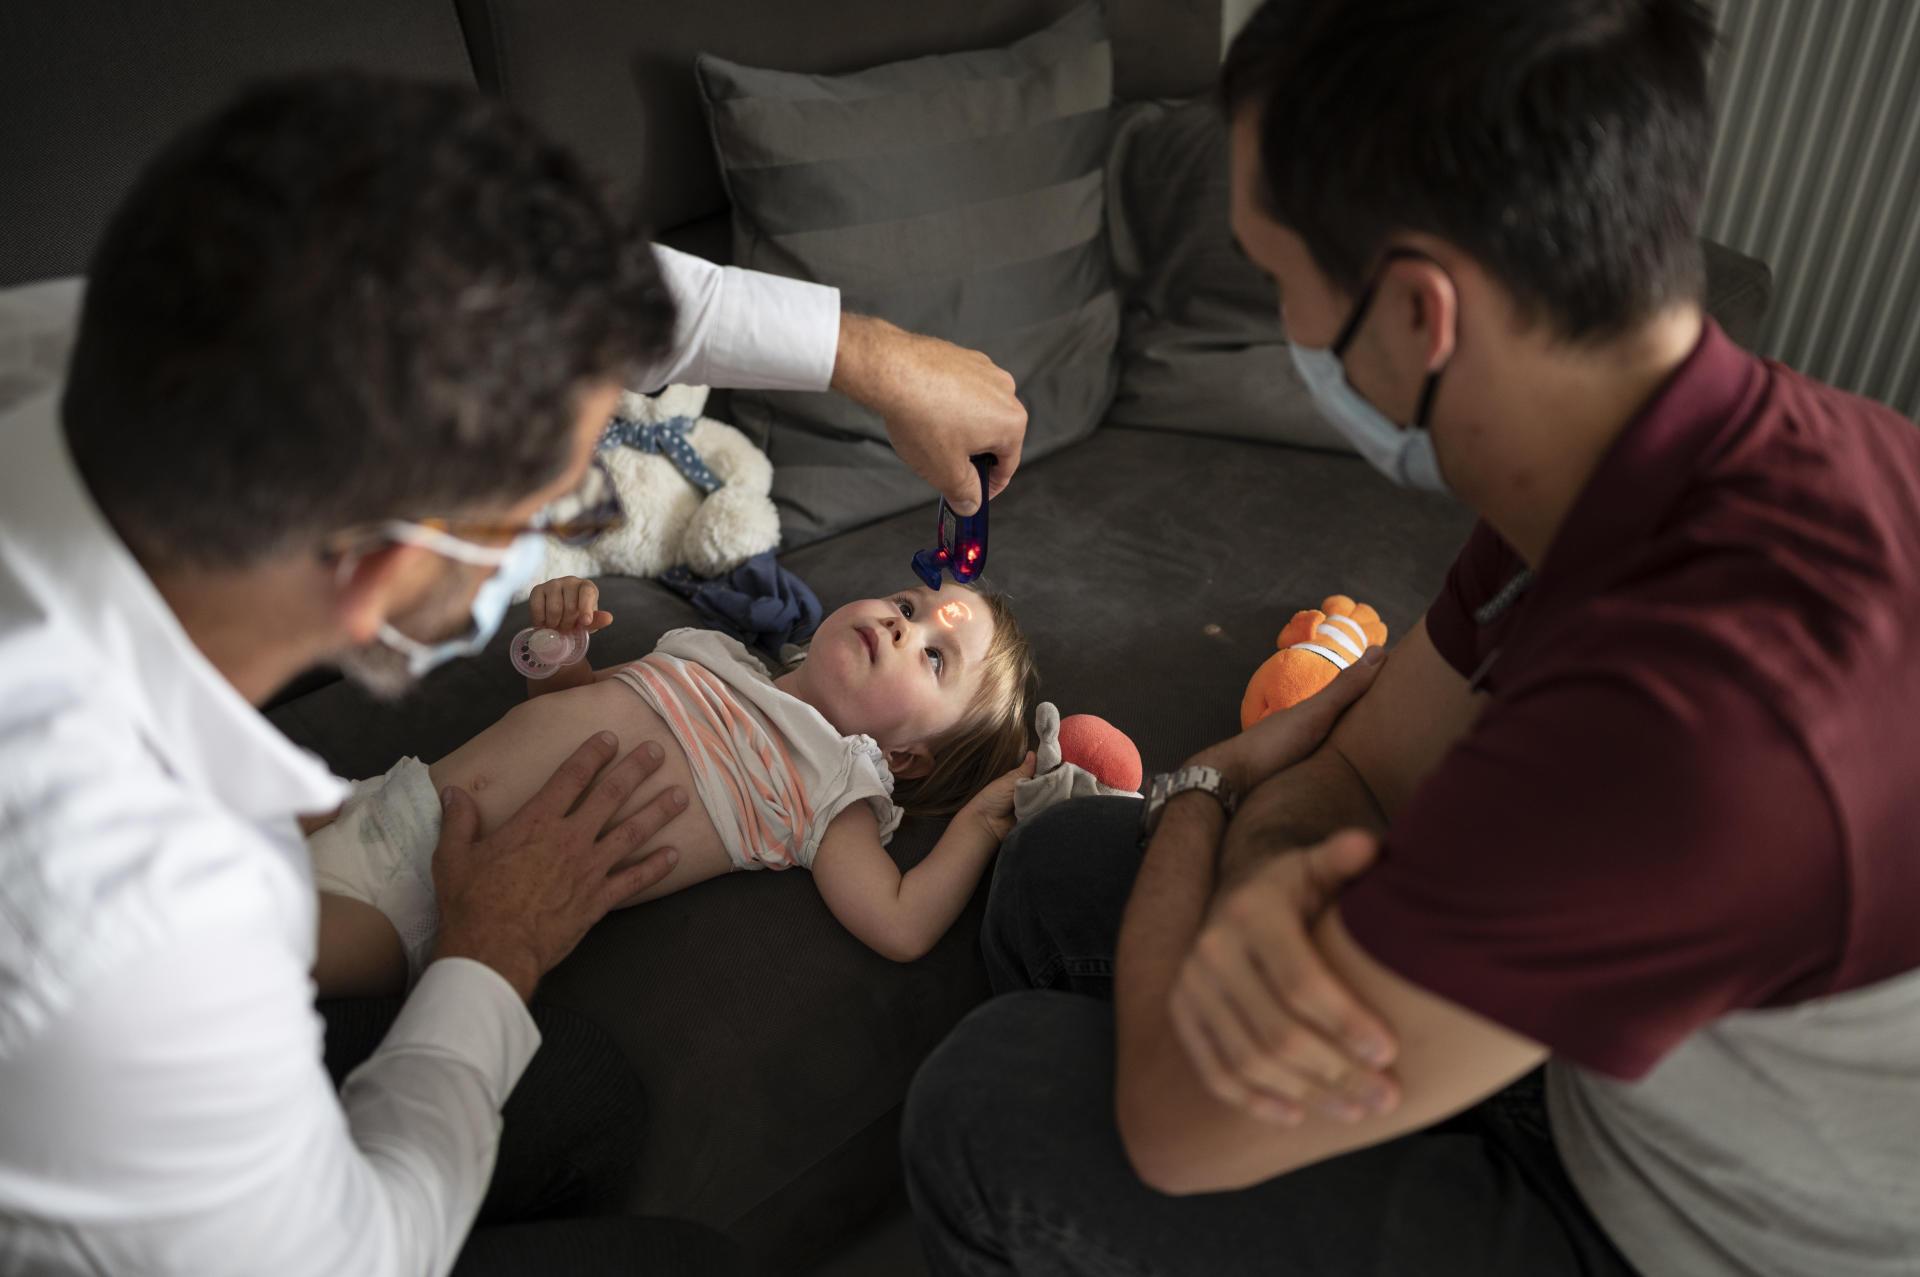 Malgré la fatigue, Victoire reste curieuse et attentive à chacun des gestes du médecin.